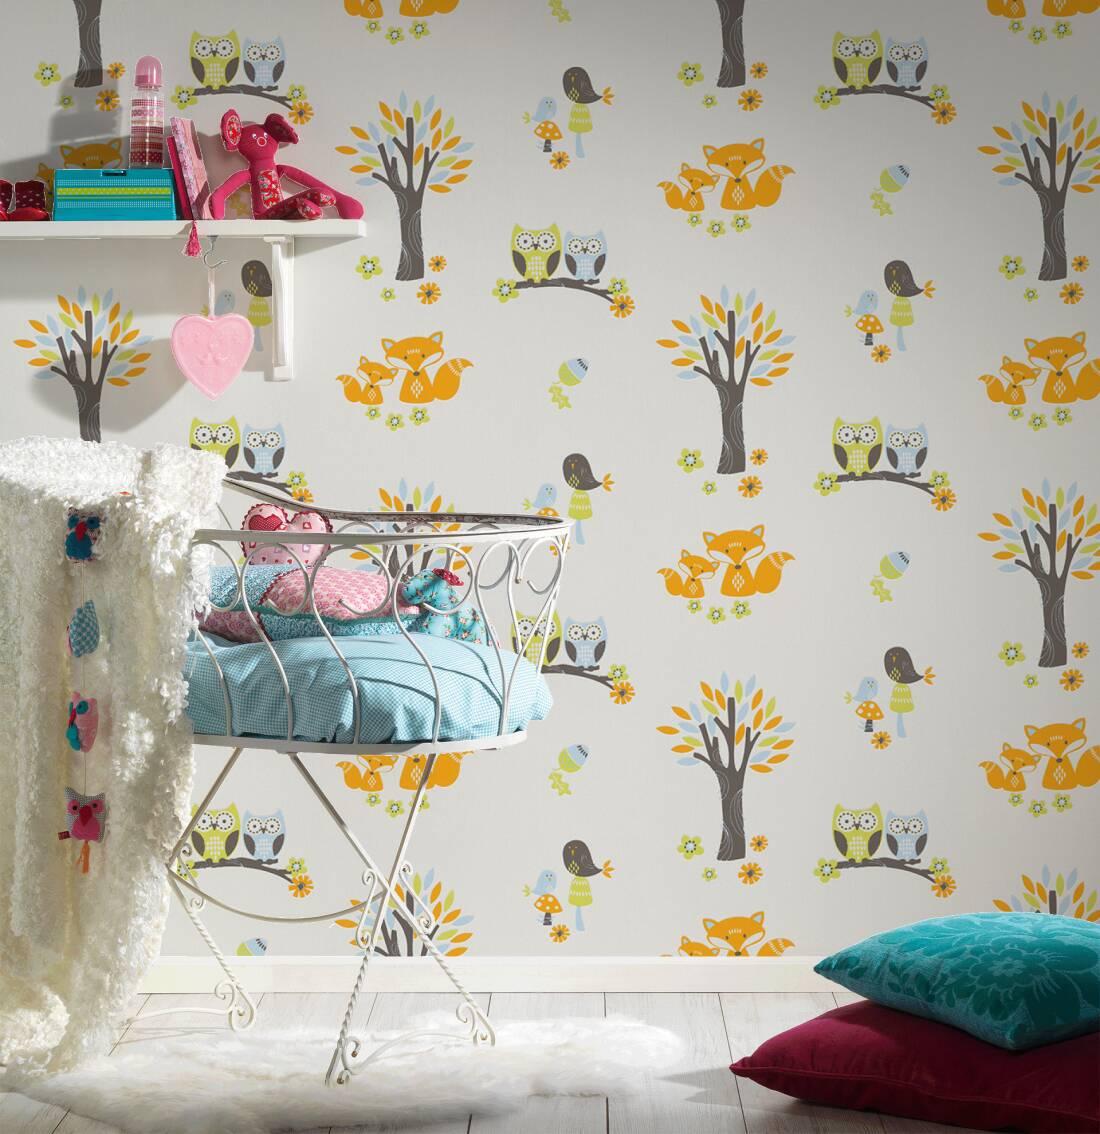 Esprit Tapete Kinderzimmer ~ Wohndesign und Innenraum Ideen